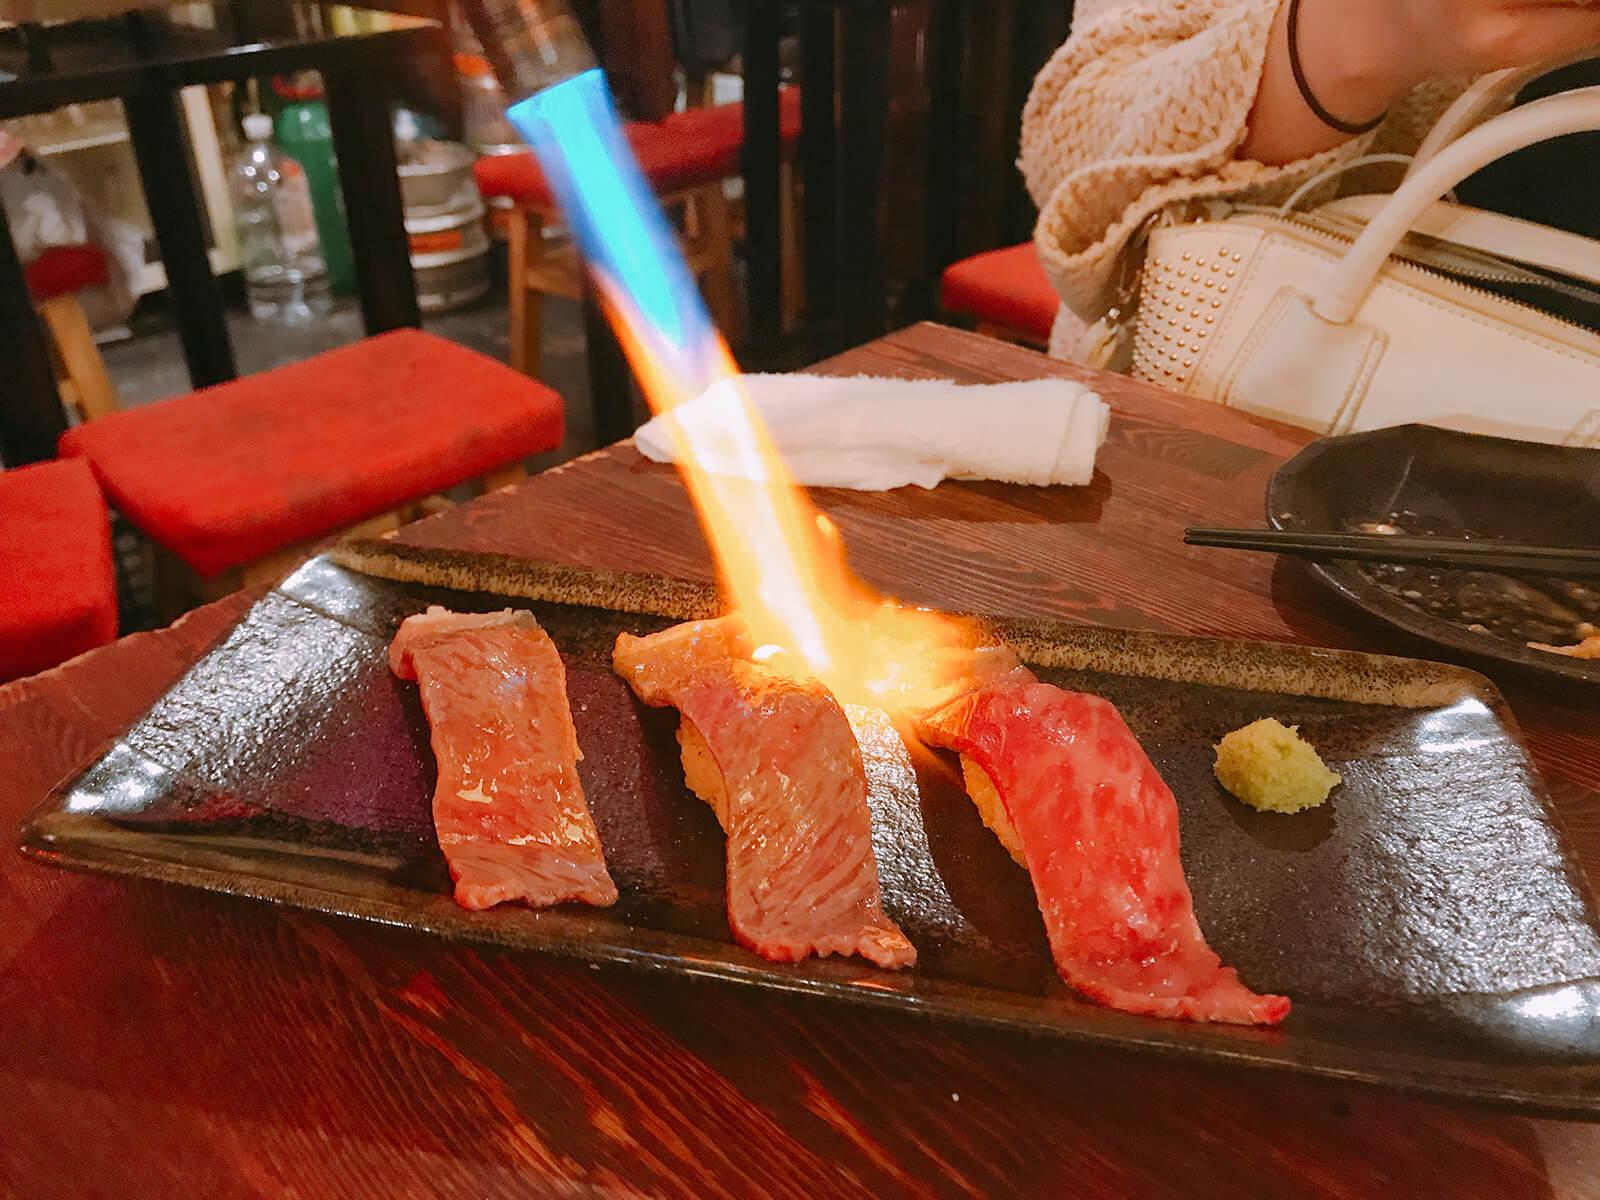 Eating Wagyu (Japanese beef) sushi while on a Shibuya bar hopping tour